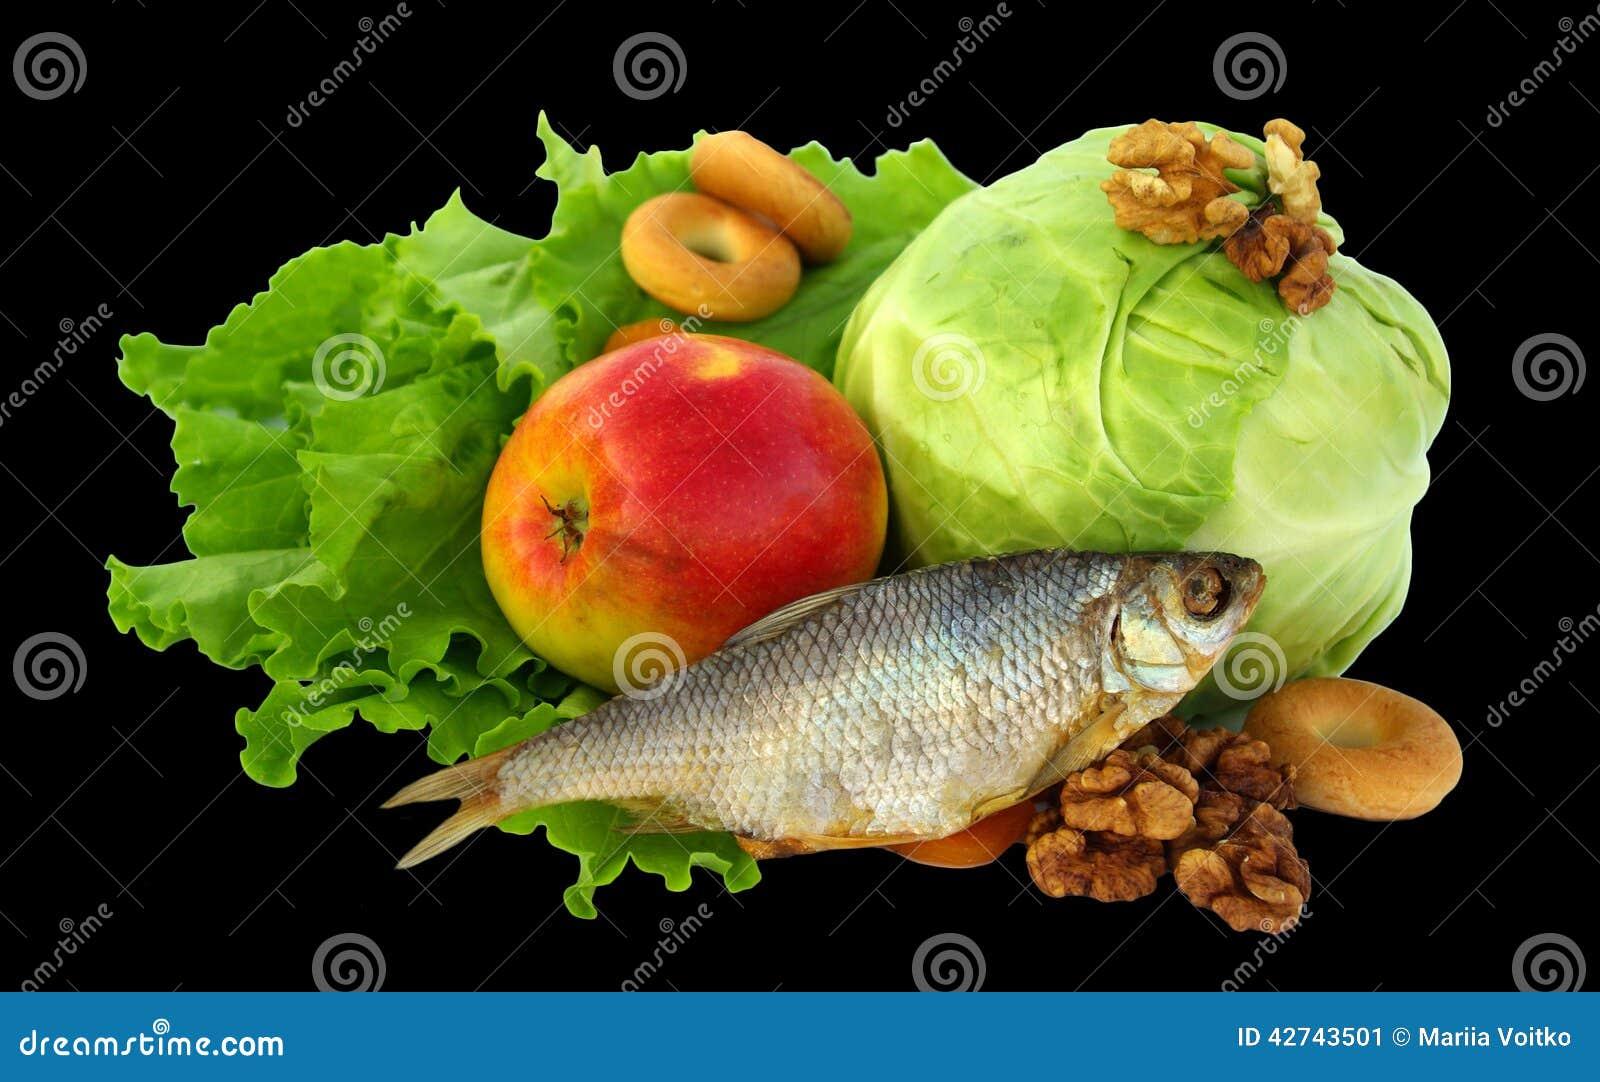 Het stilleven van sla, kool, gedroogd fruit, appel, drogende, droge vis, noten en droog apricotsIsolated op zwarte achtergrond